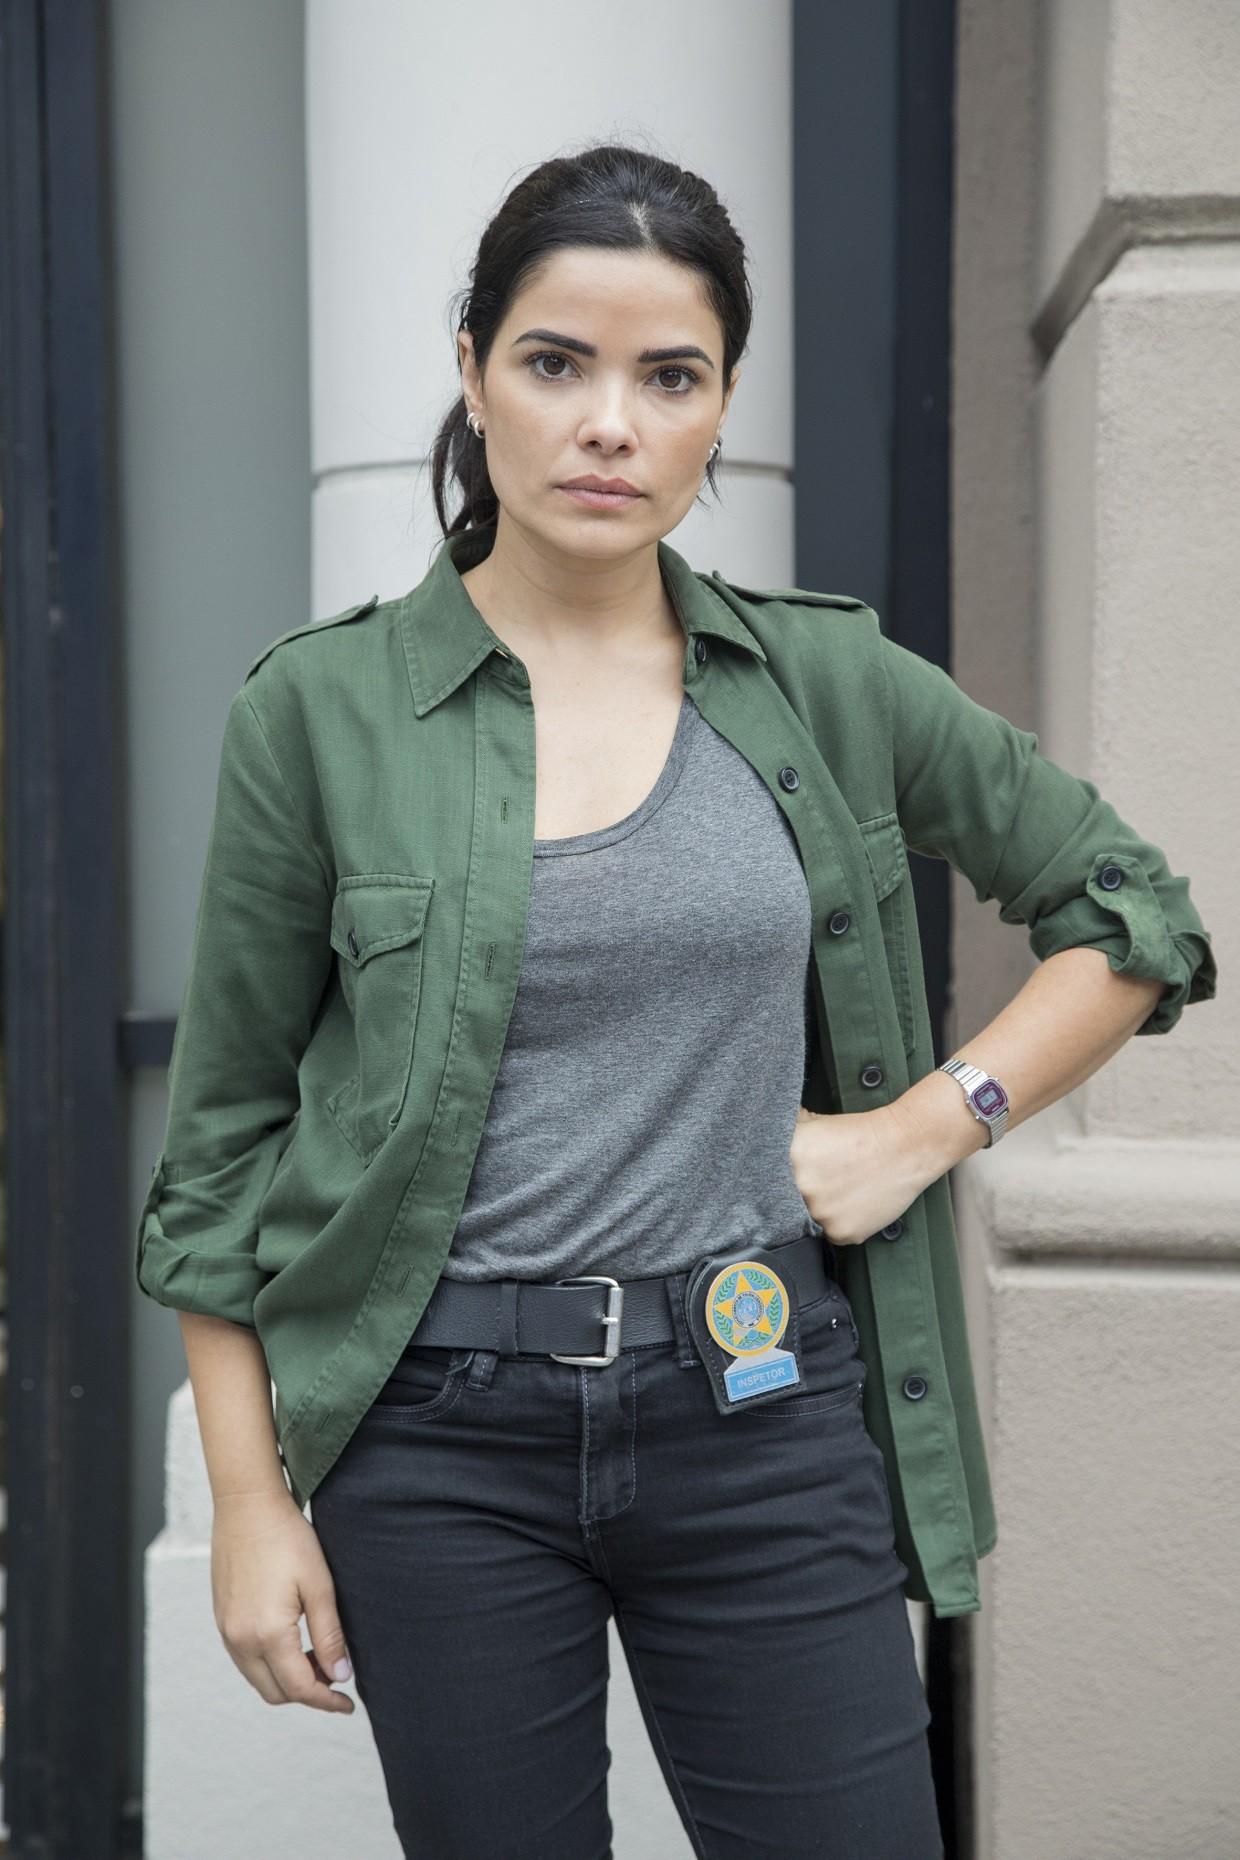 Vanessa Giácomo caracterizada como Antônia, sua personagem em Pega Pega (Globo, 2017) (Foto: Victor Pollak/TV Globo)